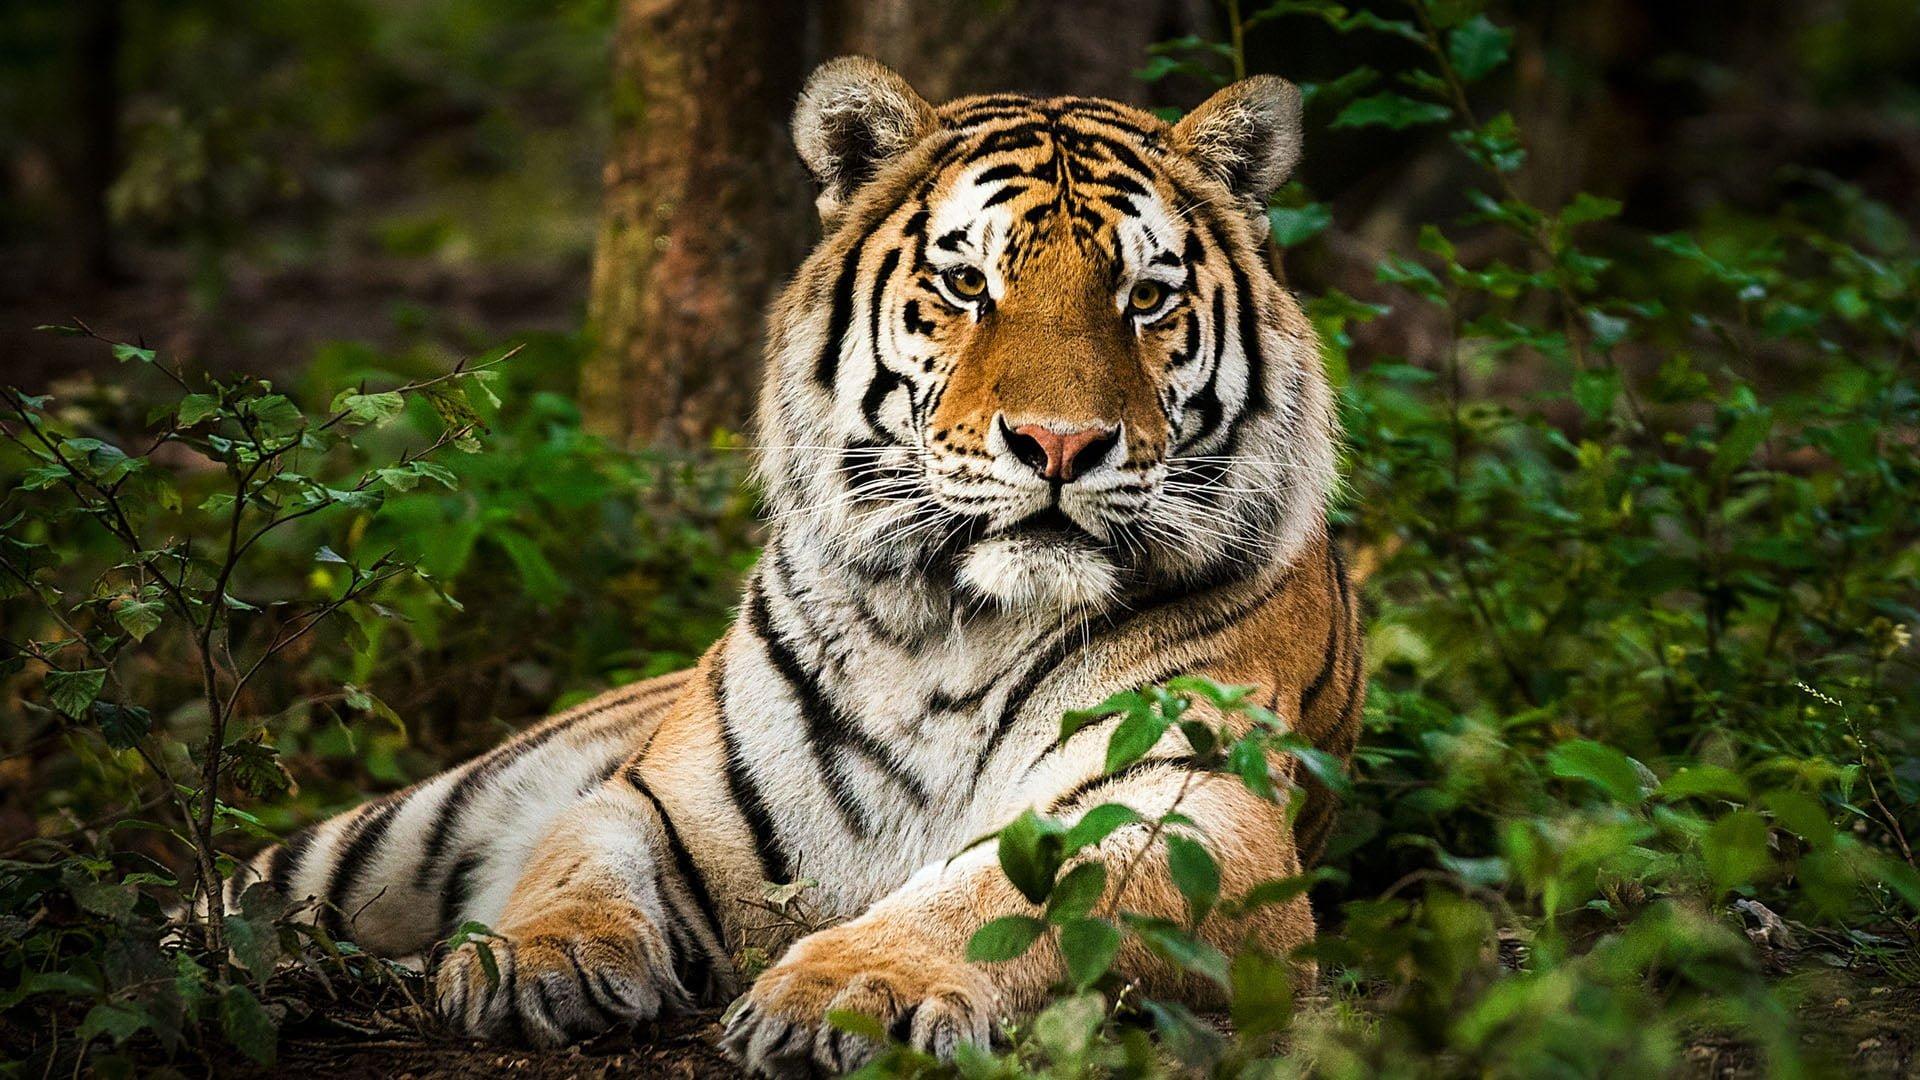 Le tigre du Bengale est stressé et perd du poids - Fondation 30 Millions d'Amis